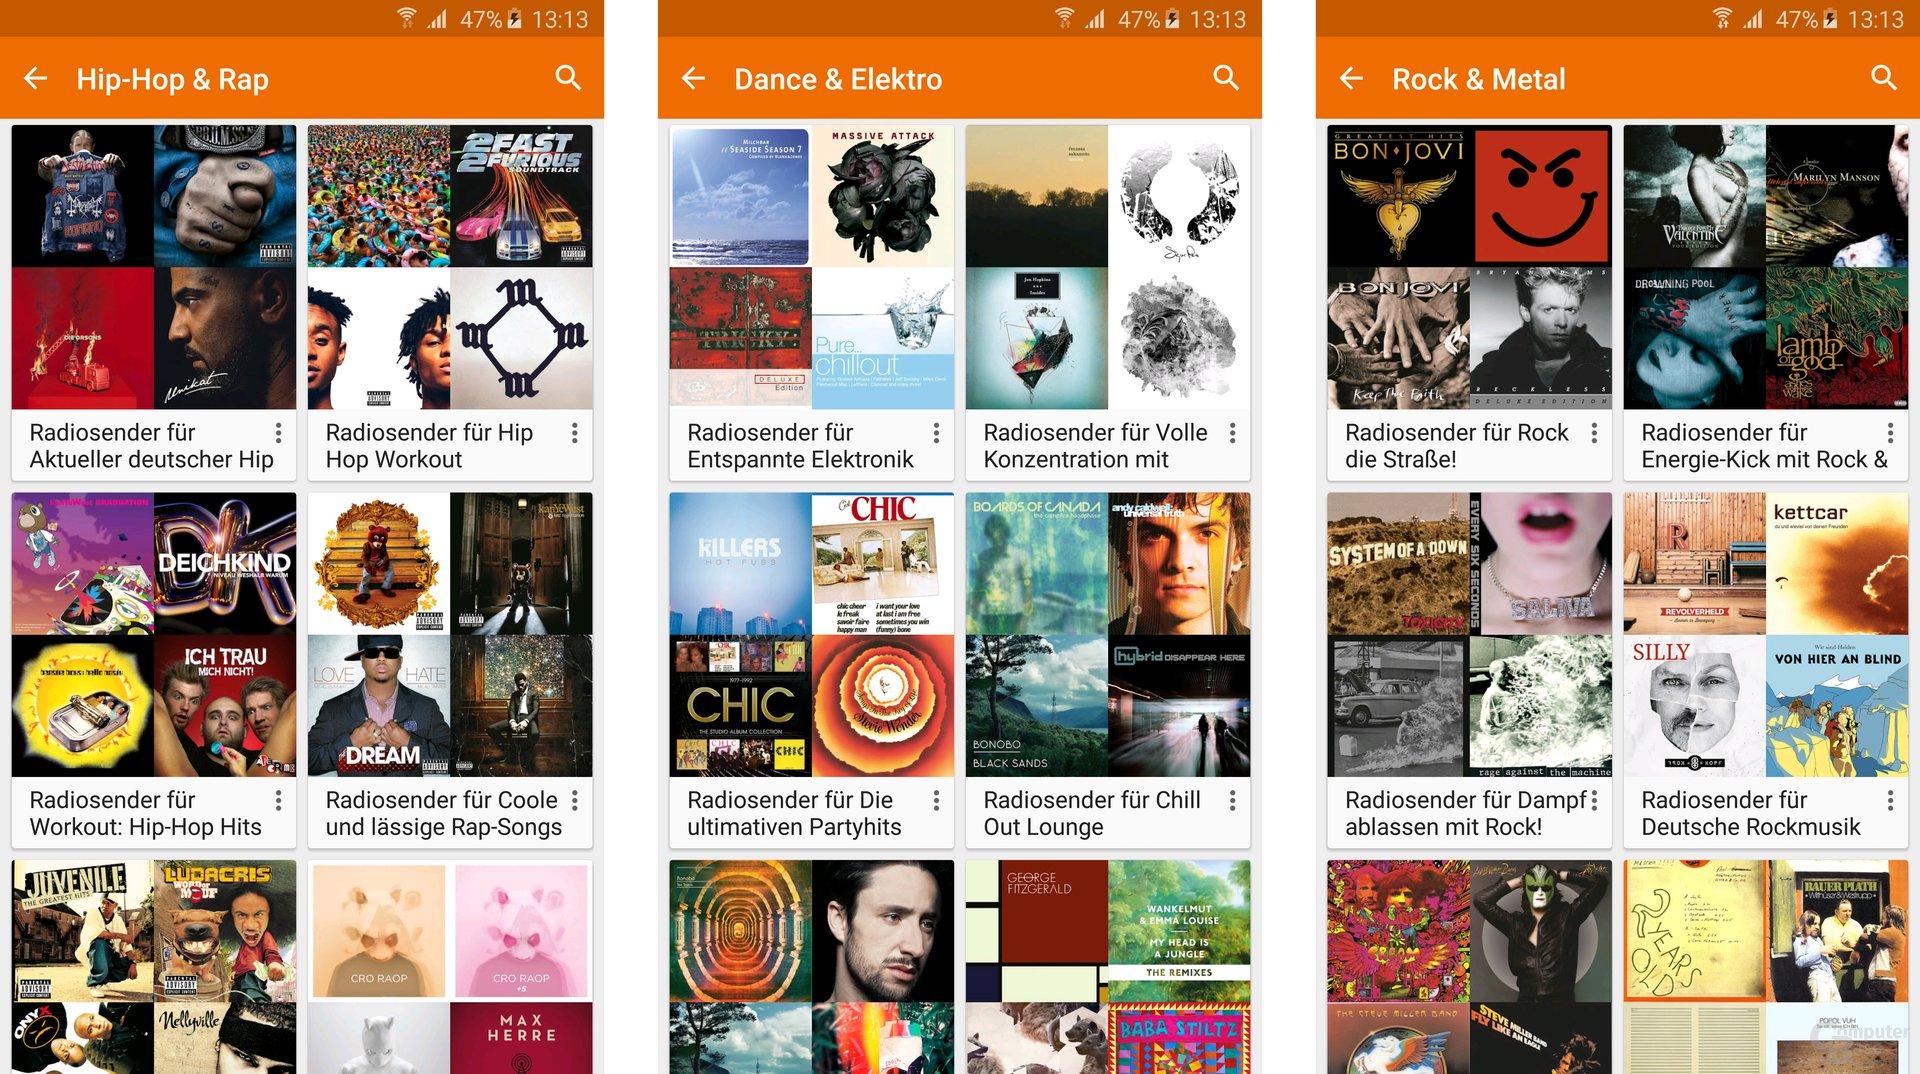 Google Play Musik für Android: Auswahl nach Genres